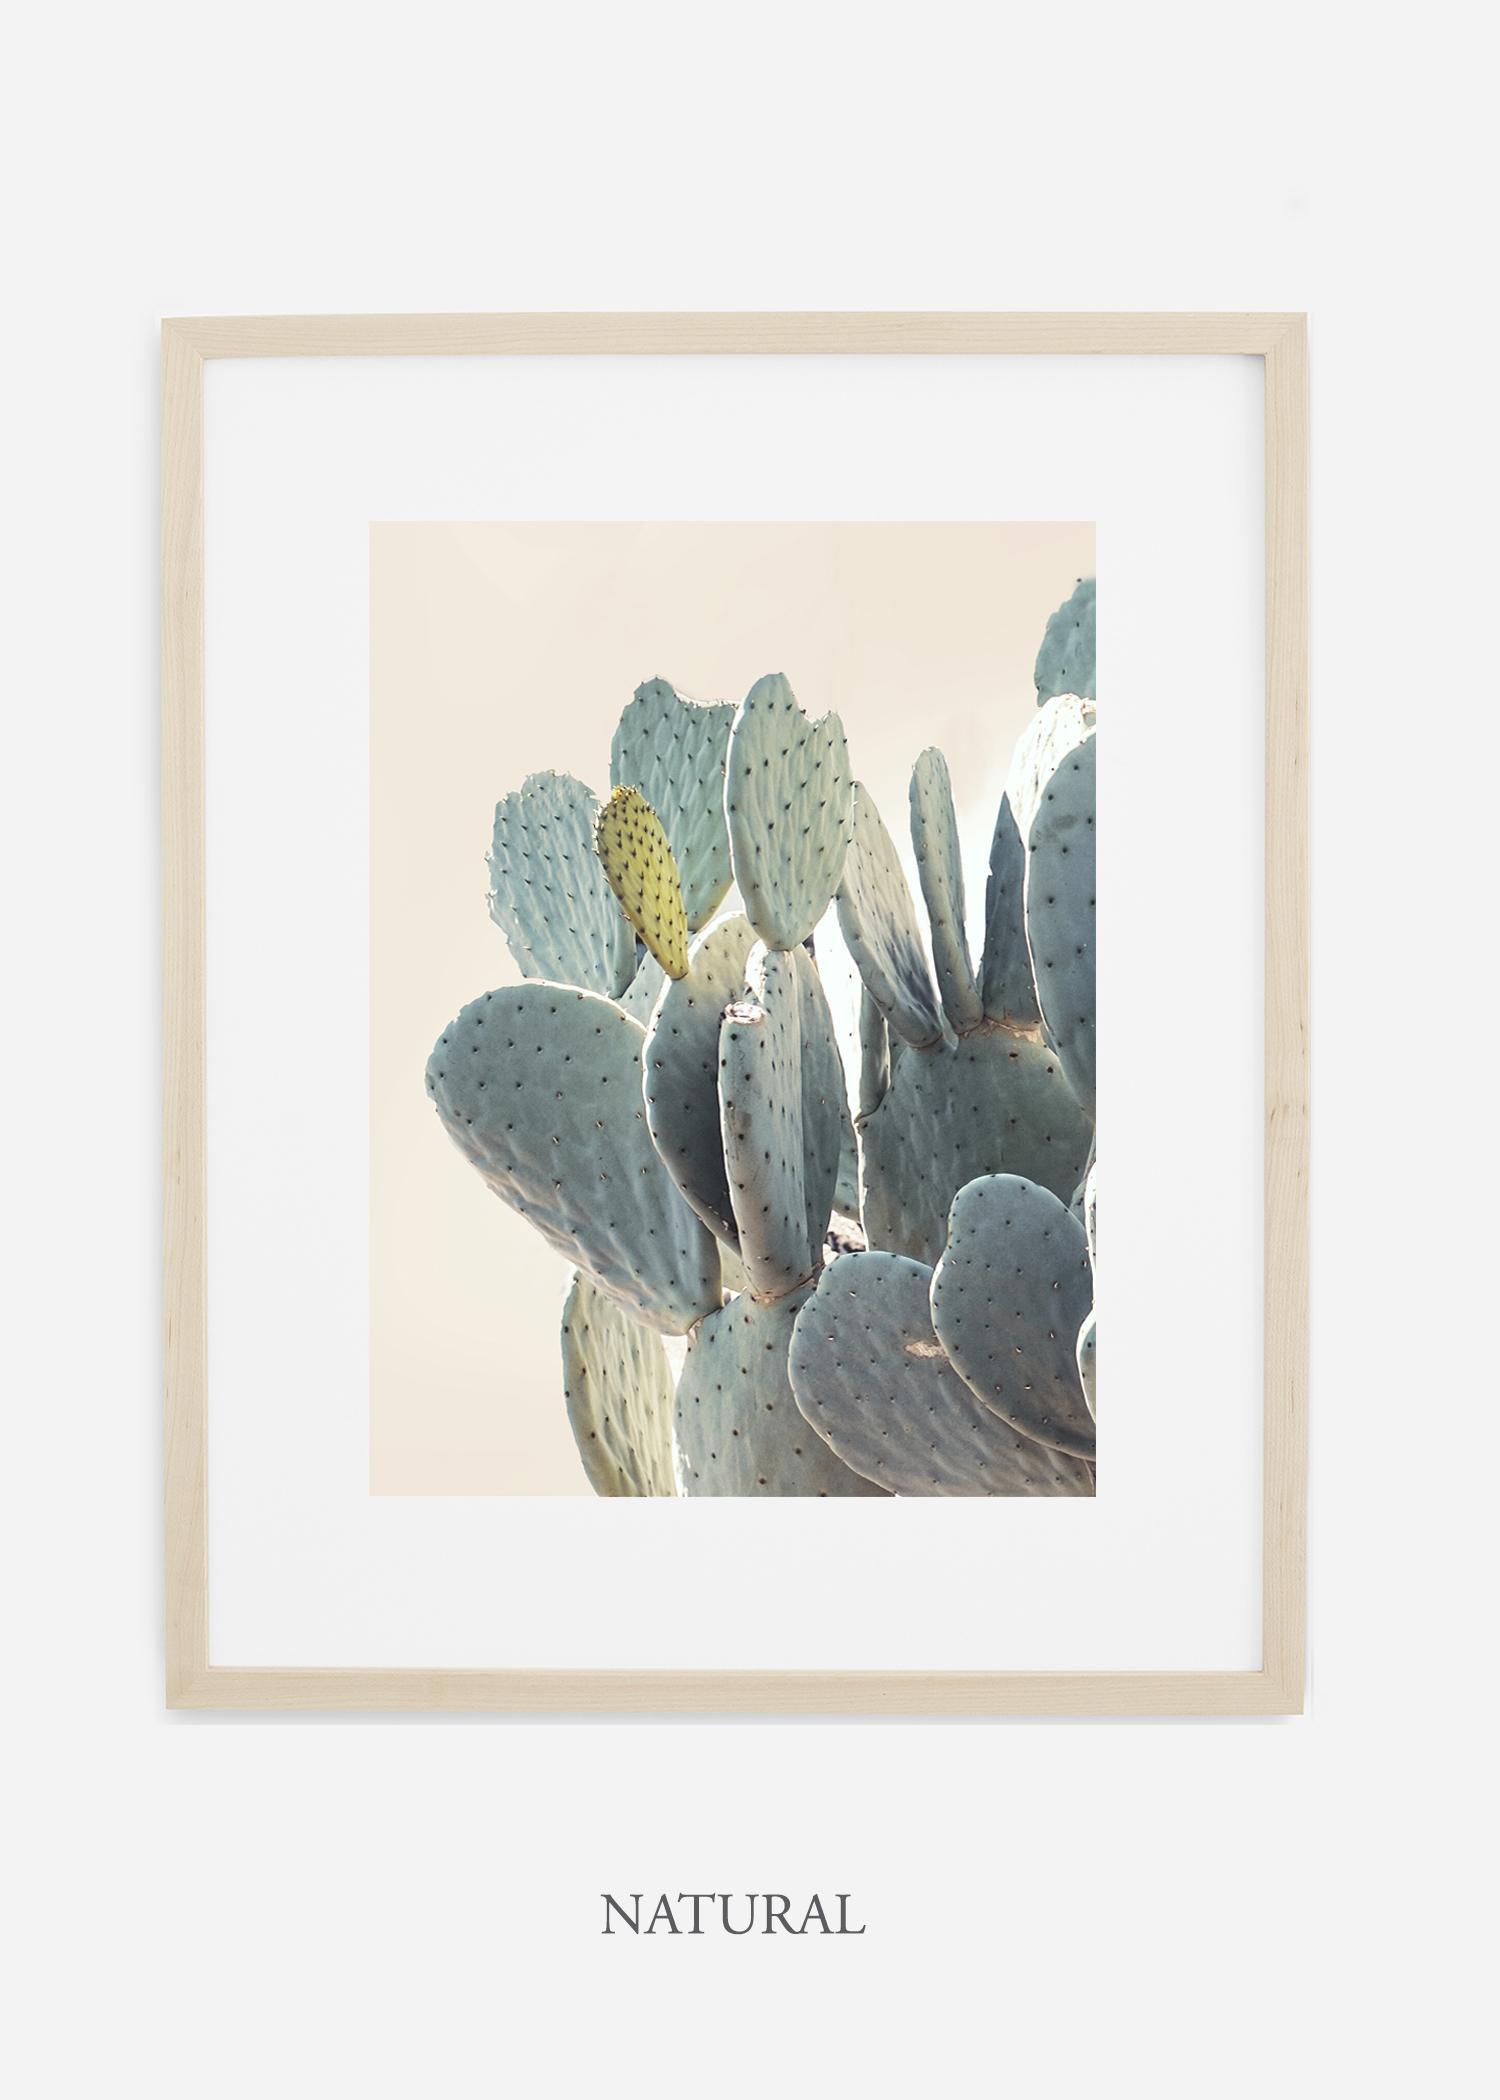 Desert_naturalframe_DesertDetails_Cactus__Art_Photography_interiordesign_bohemian_cactusart.jpg